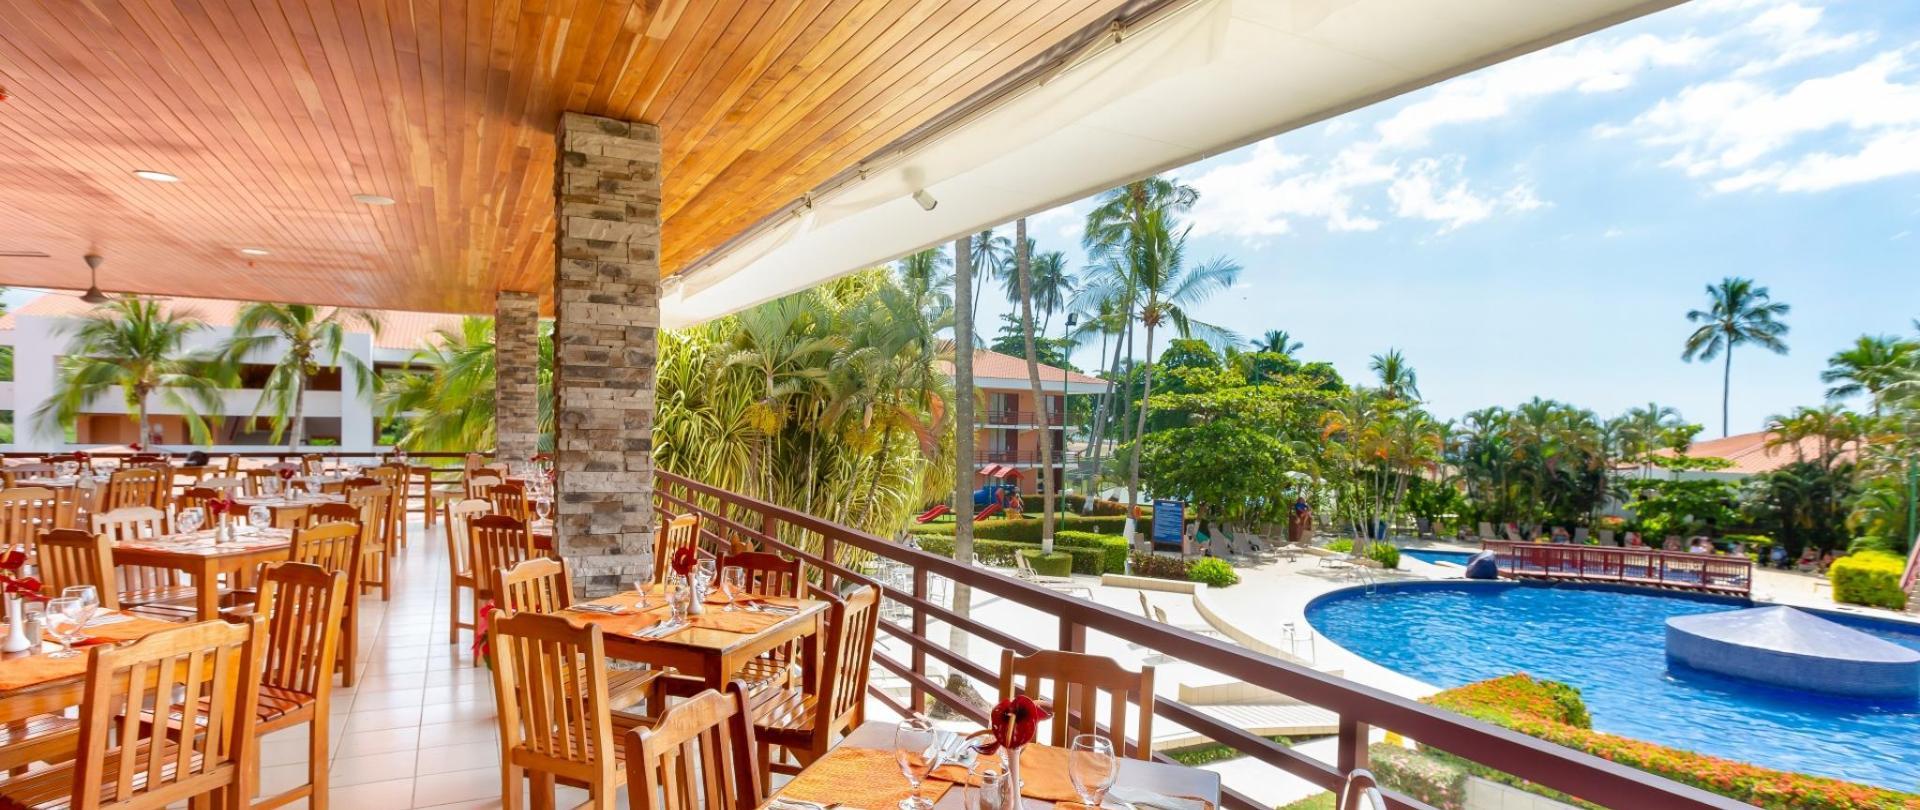 Hotel Best Western Jaco Beach In Costa Rica